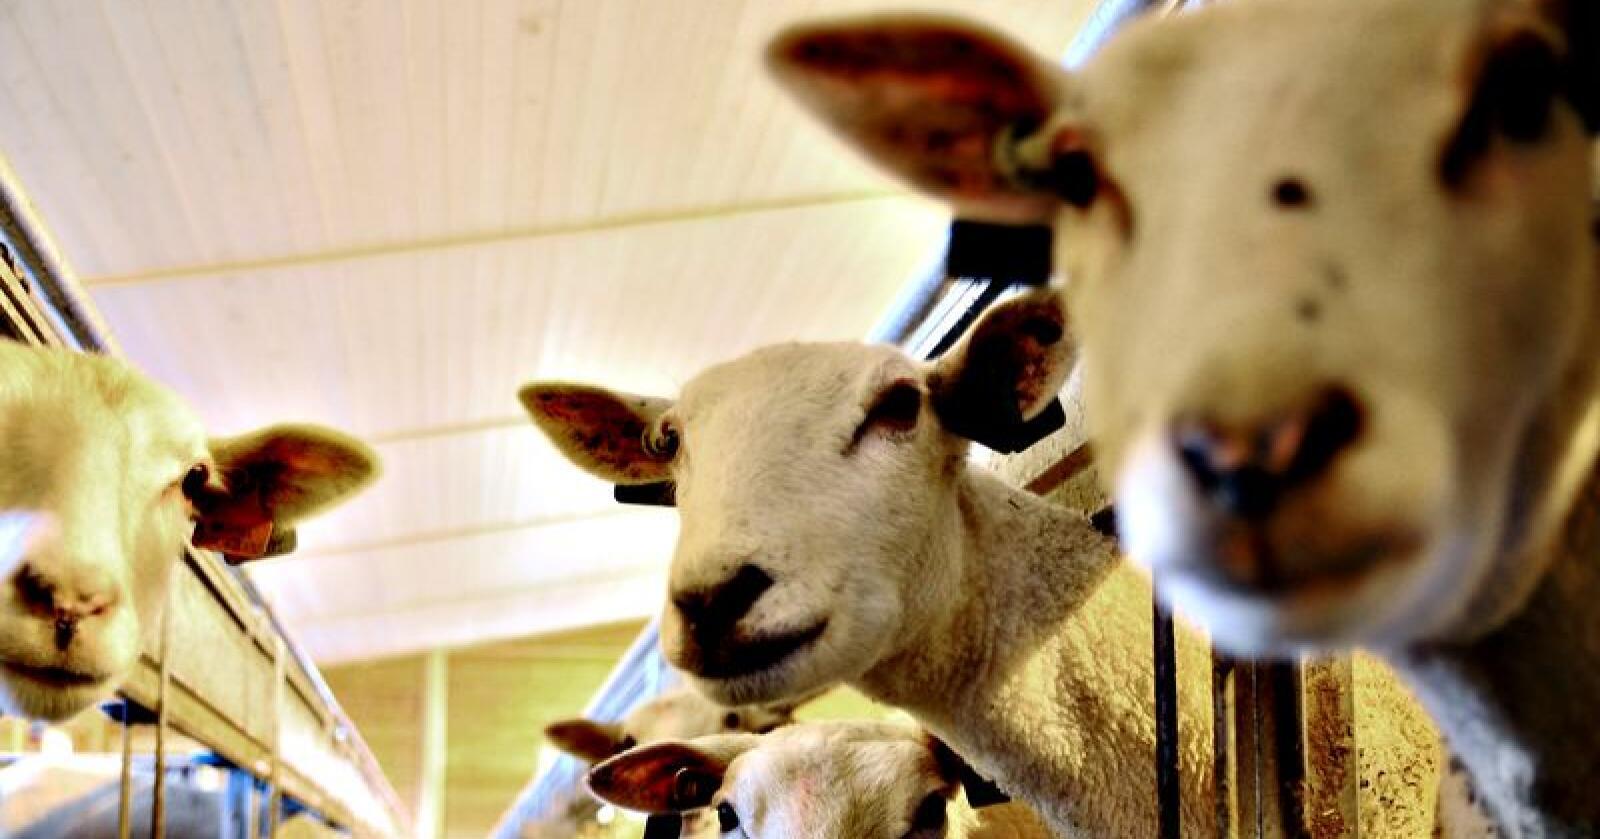 Sauebønder i Sverige er blant yrkesgruppene som er blitt truet og trakassert av ekstreme, svenske dyrevernsaktivister. Men også melkebønder, eggprodusenter og hesteeiere rammes. Dyrene på bildet har ingenting med saken å gjøre. Foto: Illustrasjonsfoto Bondebladet